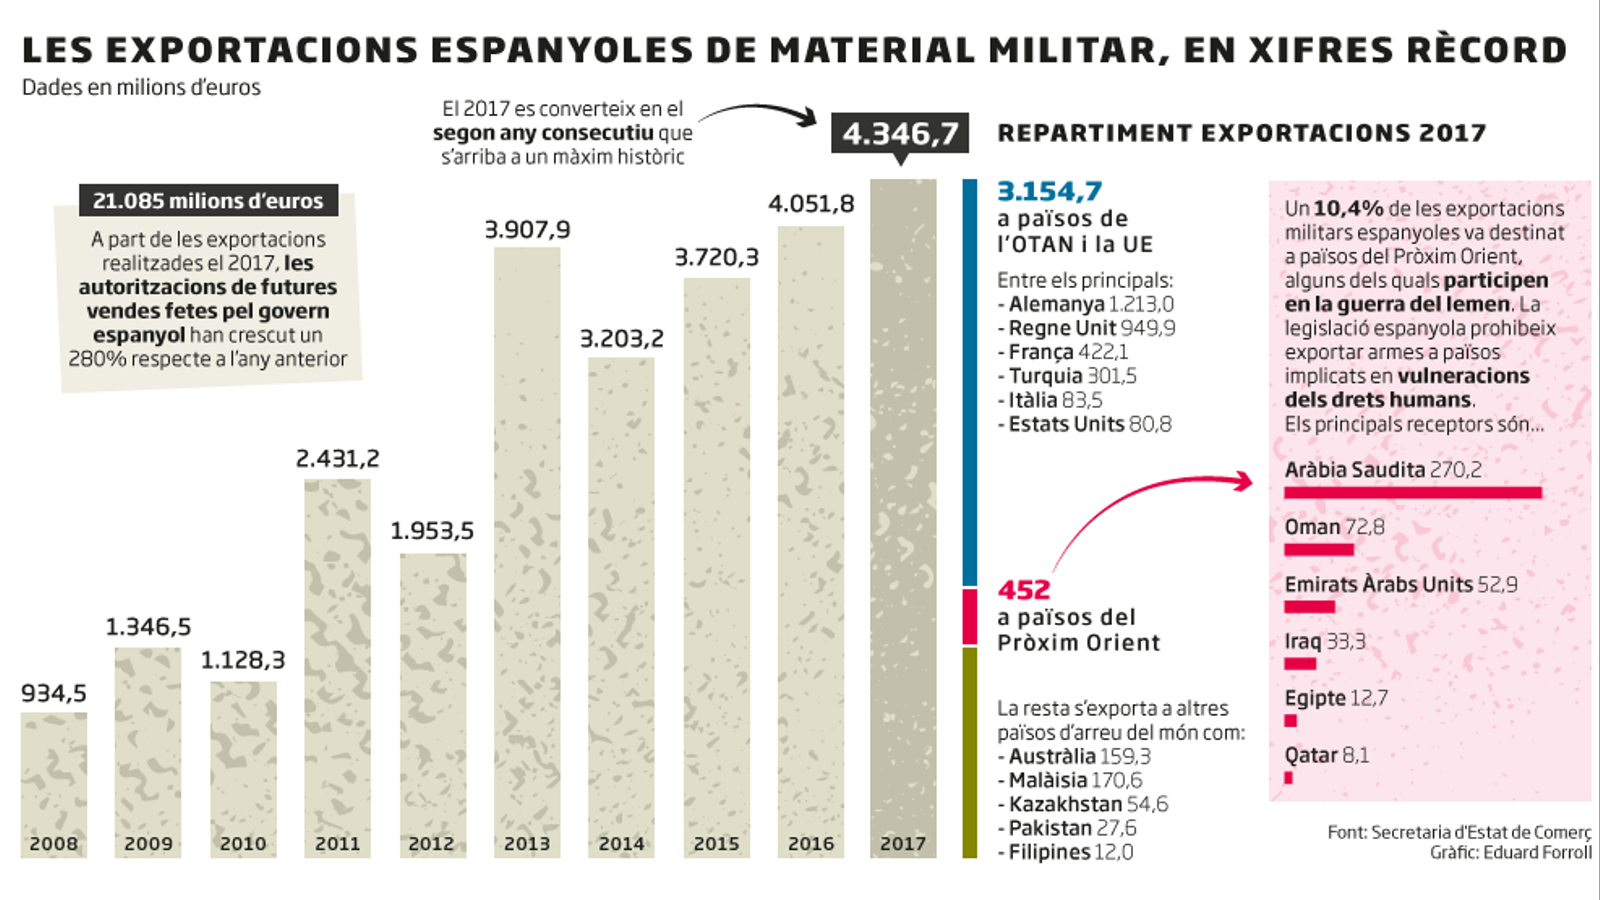 Espanya bat el seu rècord de venda d'armes: gairebé 12 milions d'euros al dia